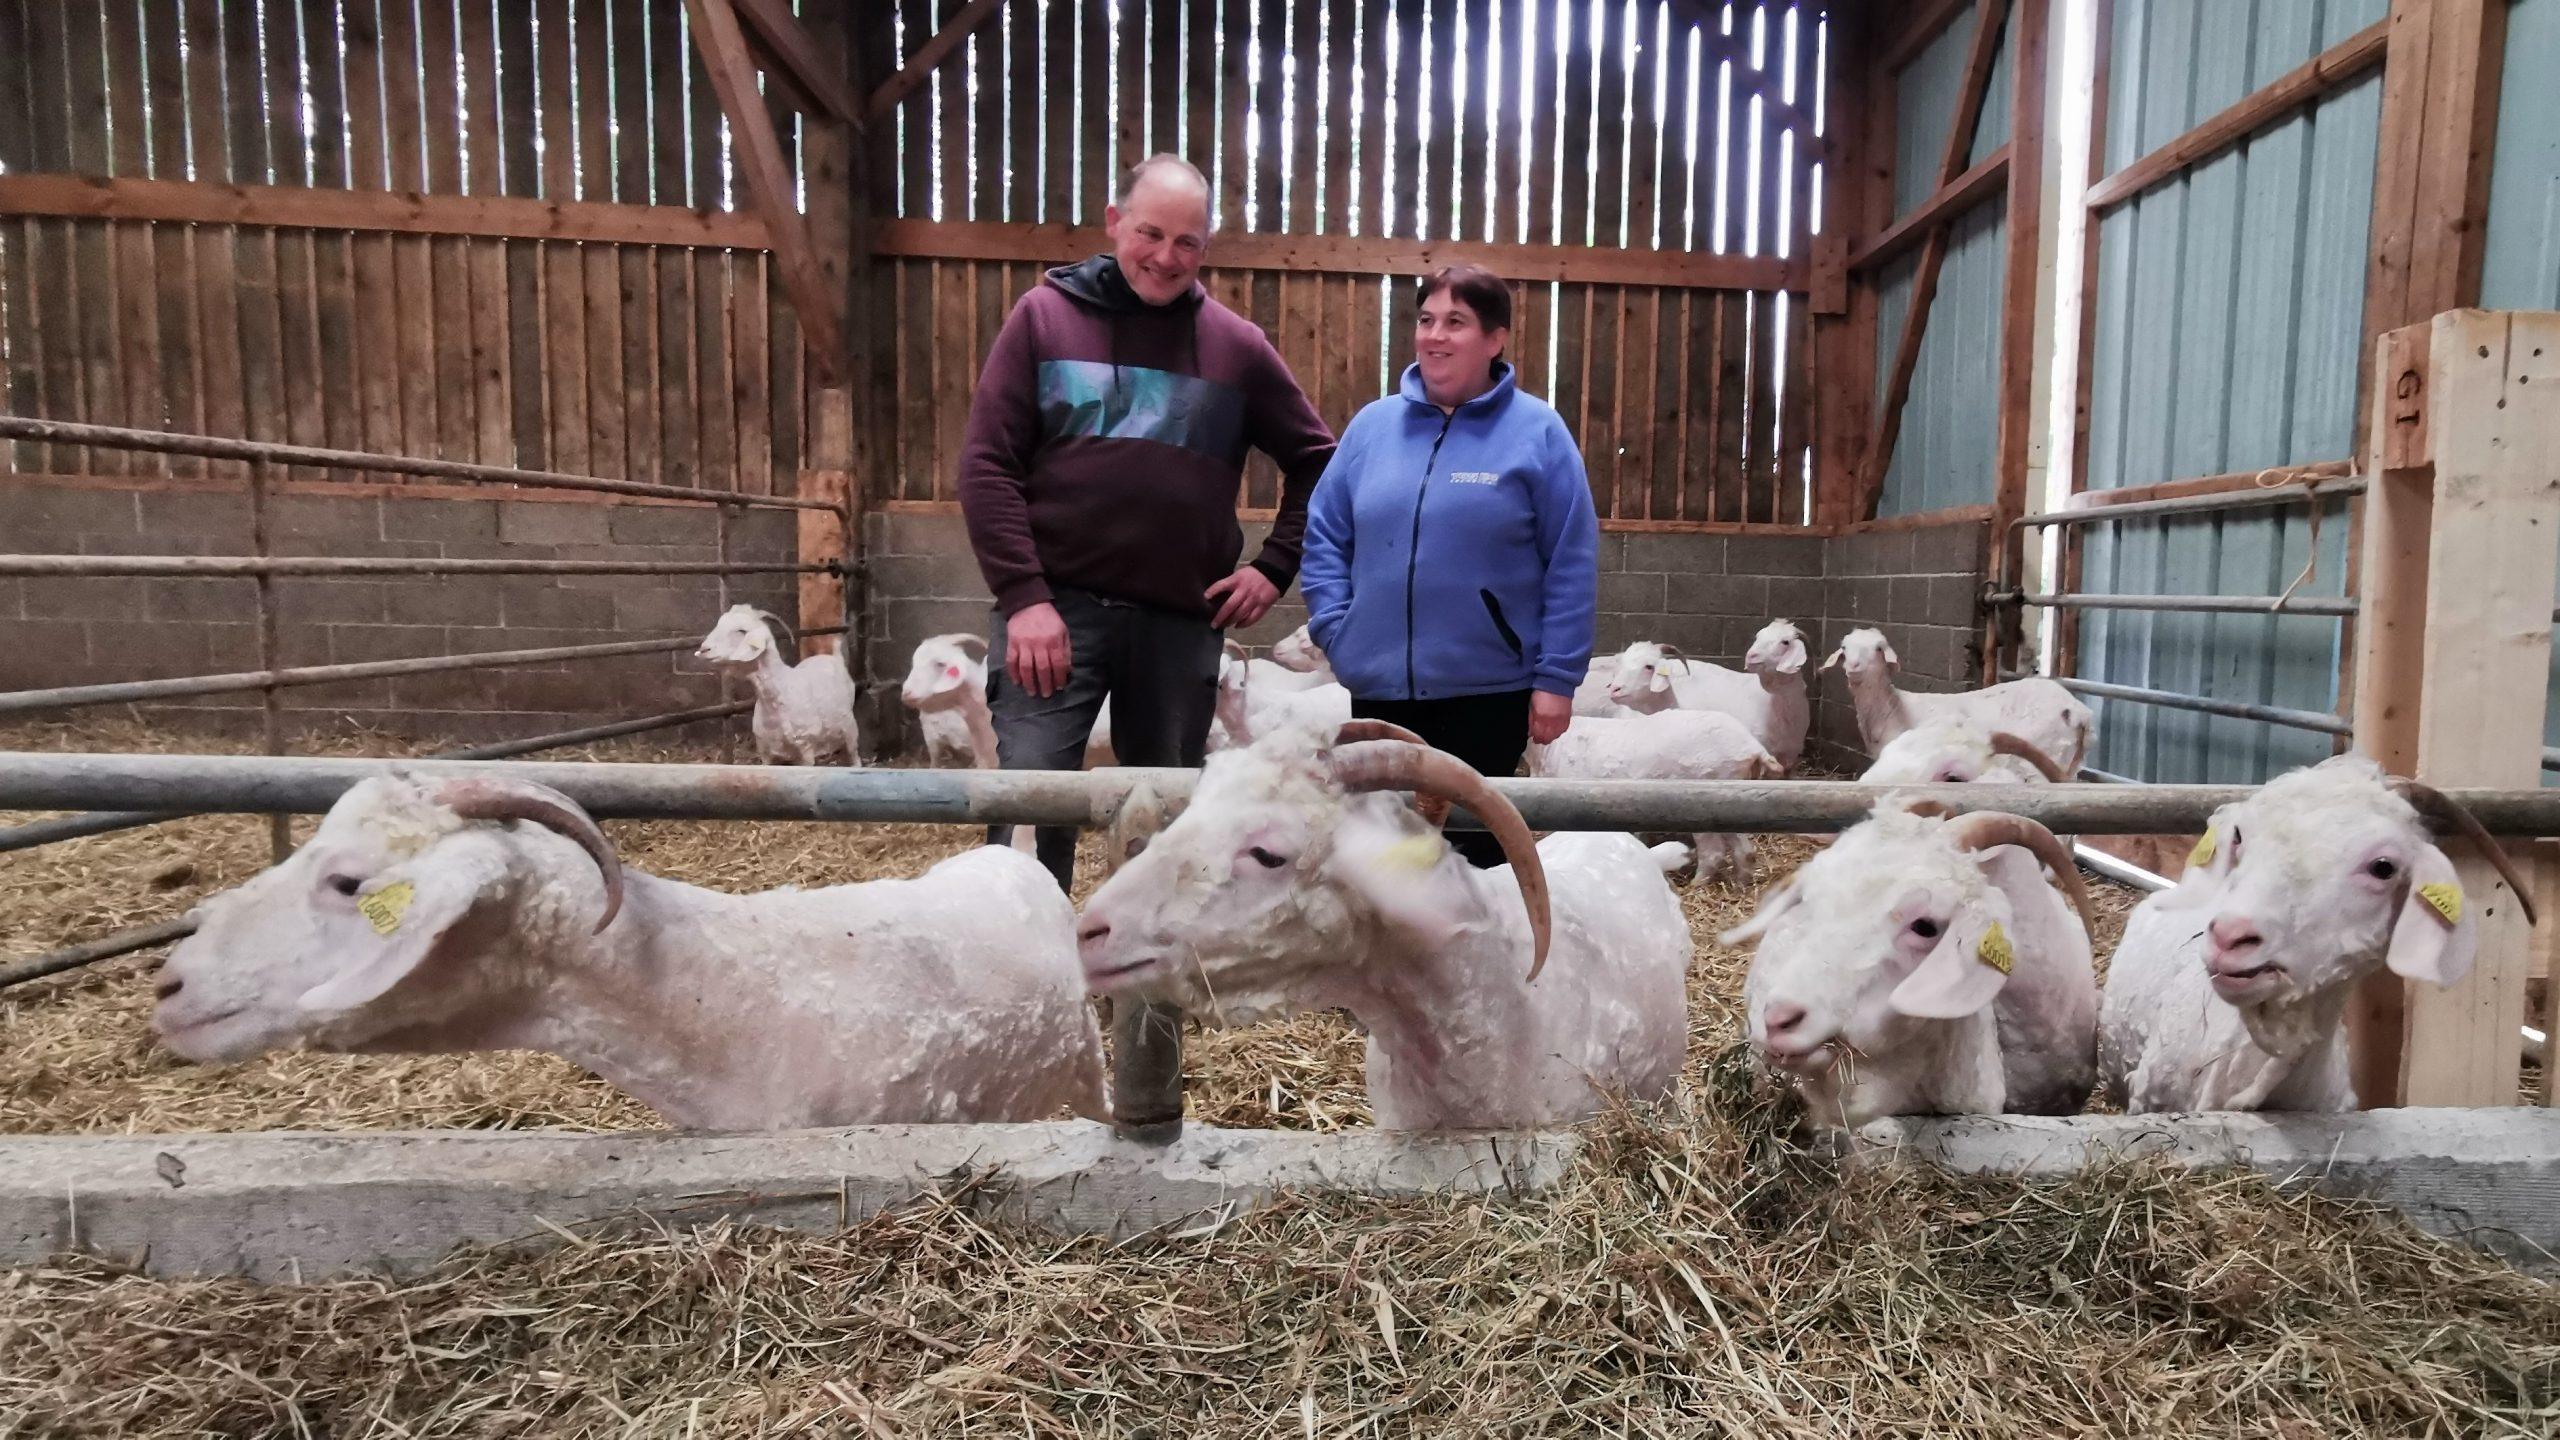 À Bours, le couple Boucly se spécialise dans le Mohair: la laine de boucs et de chèvres angora